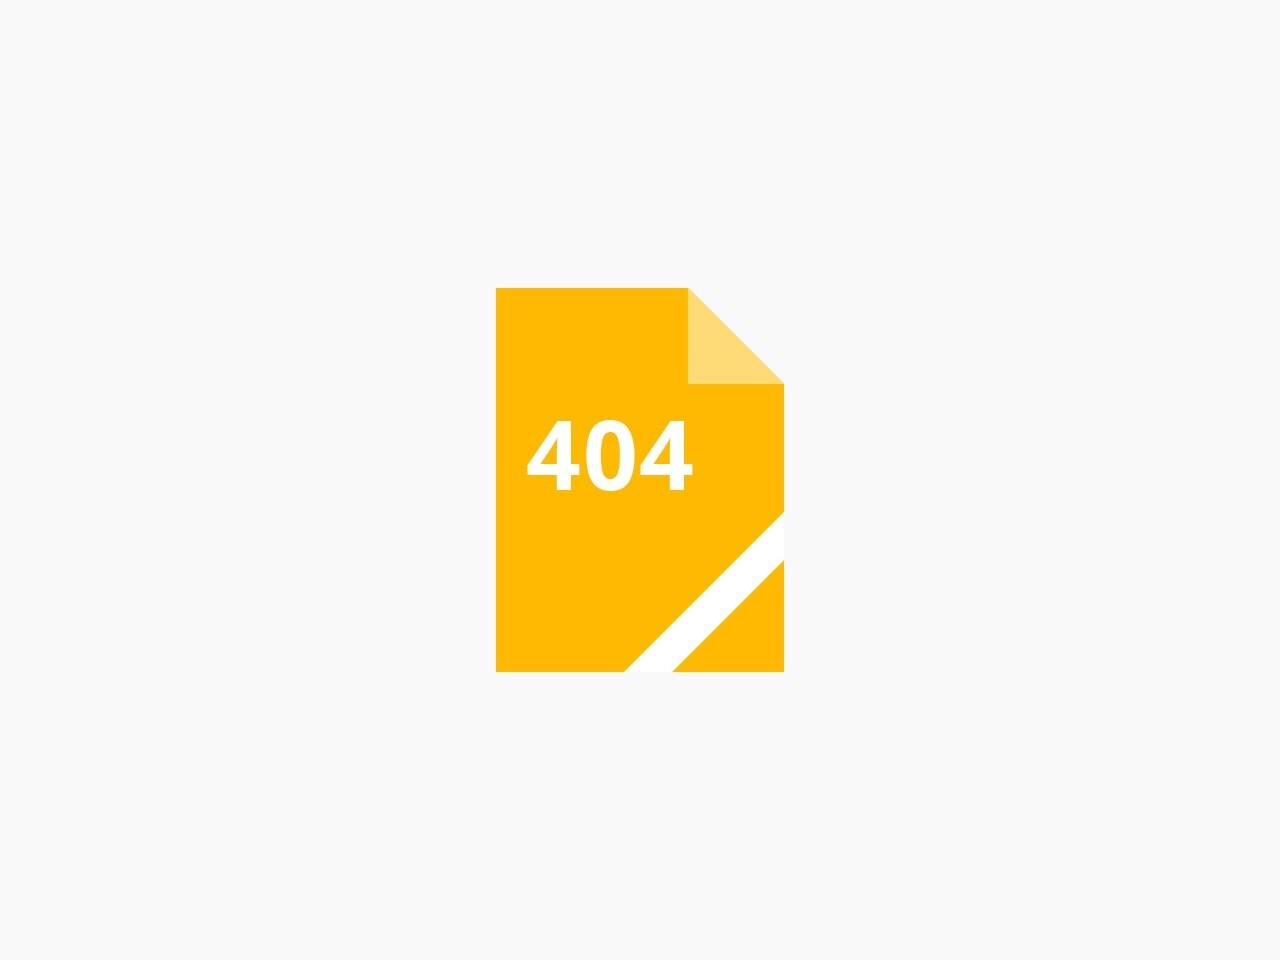 康爱多网上药店